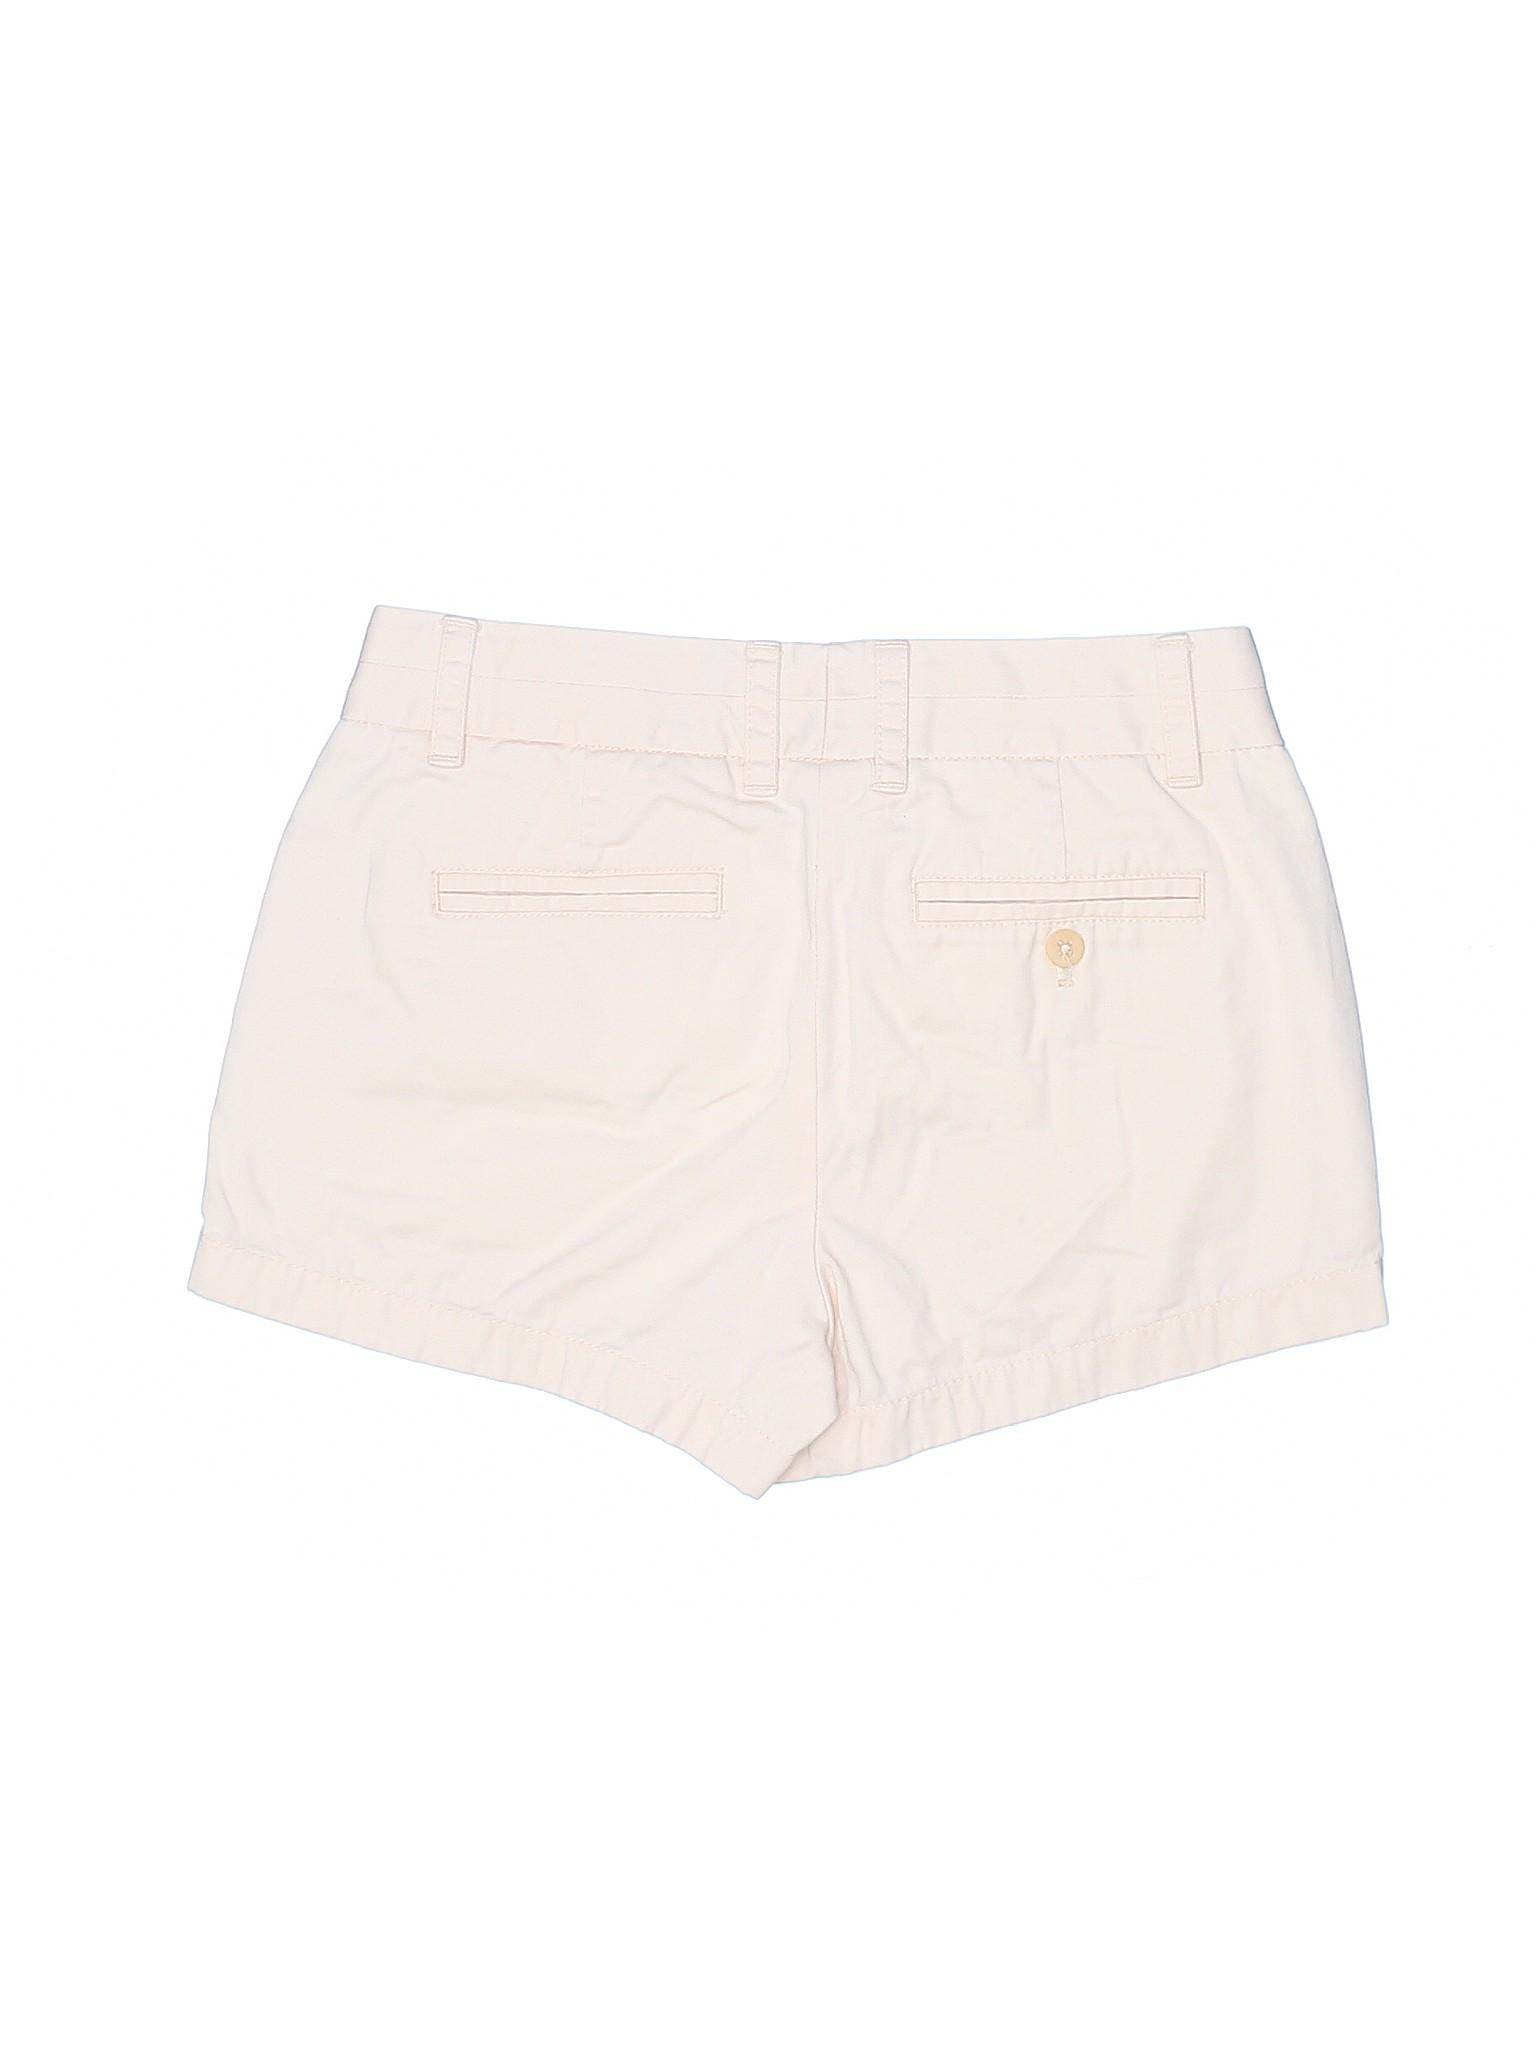 J Crew J Boutique Boutique Shorts Shorts Khaki Crew Khaki Boutique J 0x0I6wpH